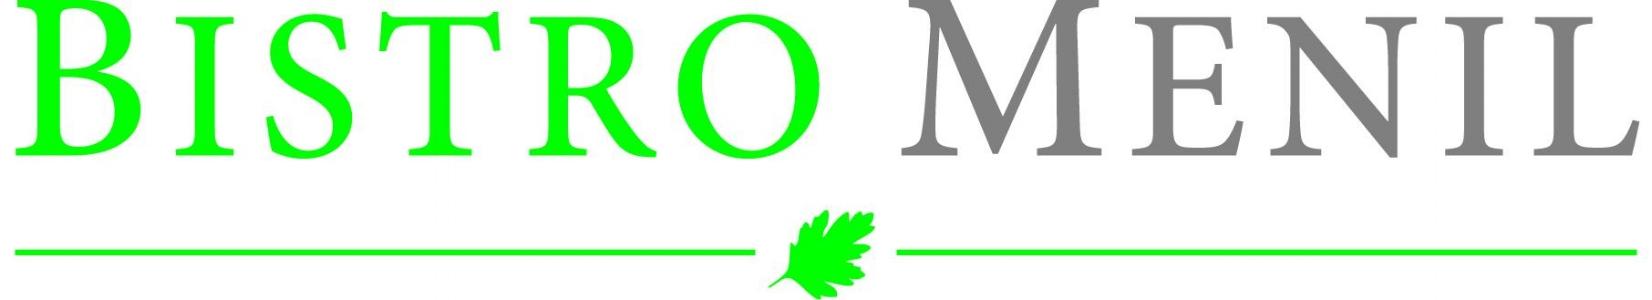 parsley-logo-300dpi.jpg